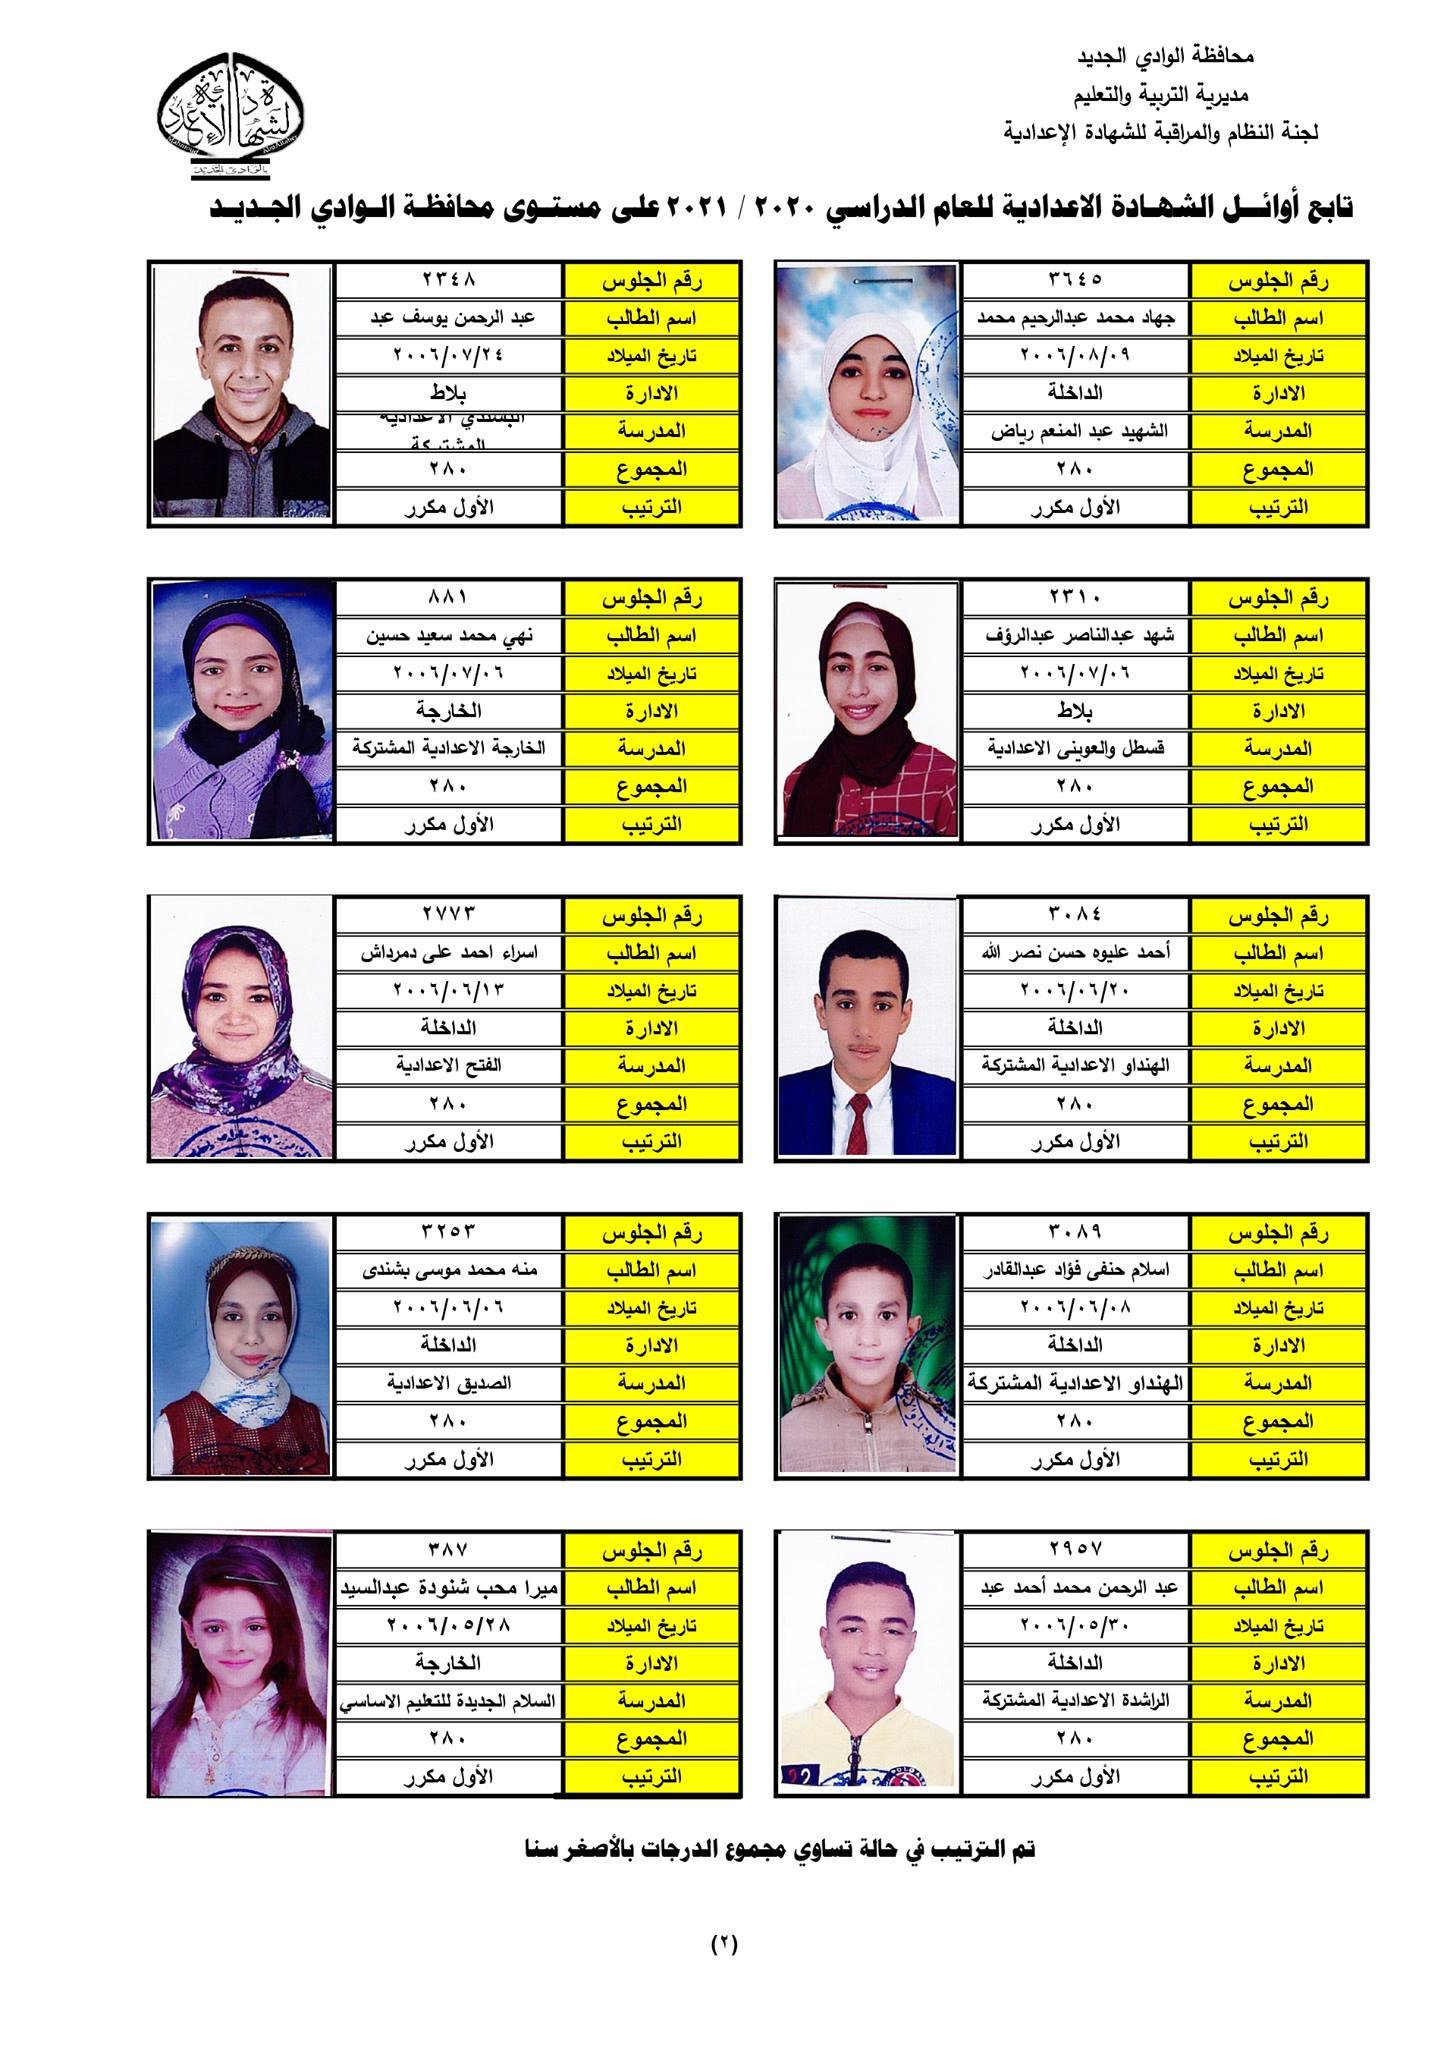 نتيجة الشهادة الإعدادية 2021 محافظة الوادي الجديد  6